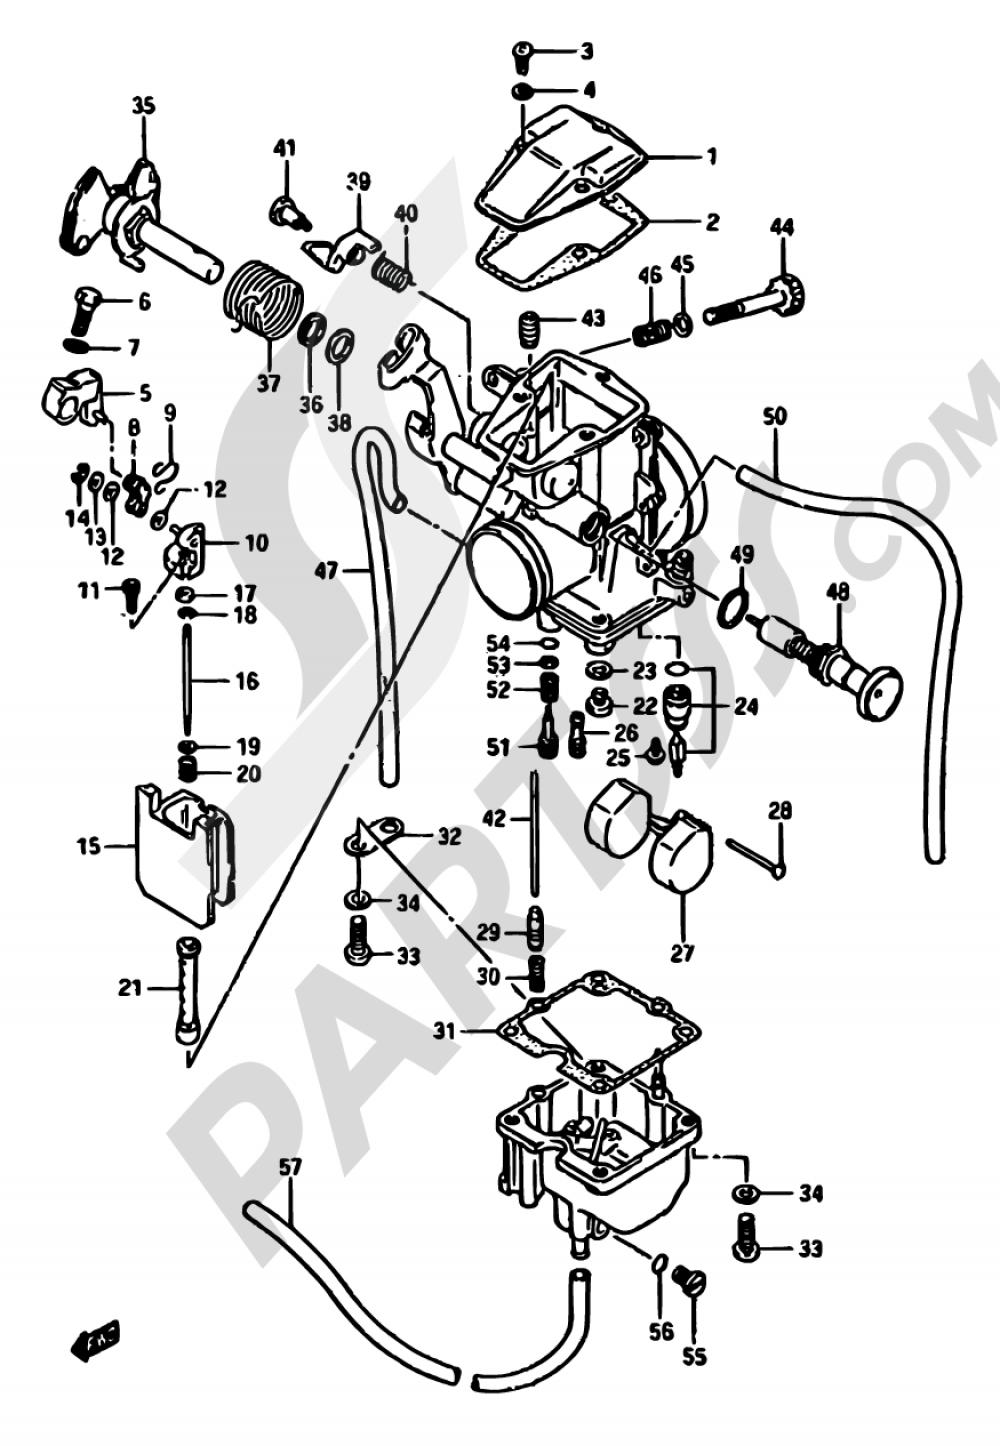 10 - CARBURETOR Suzuki DR600S 1987